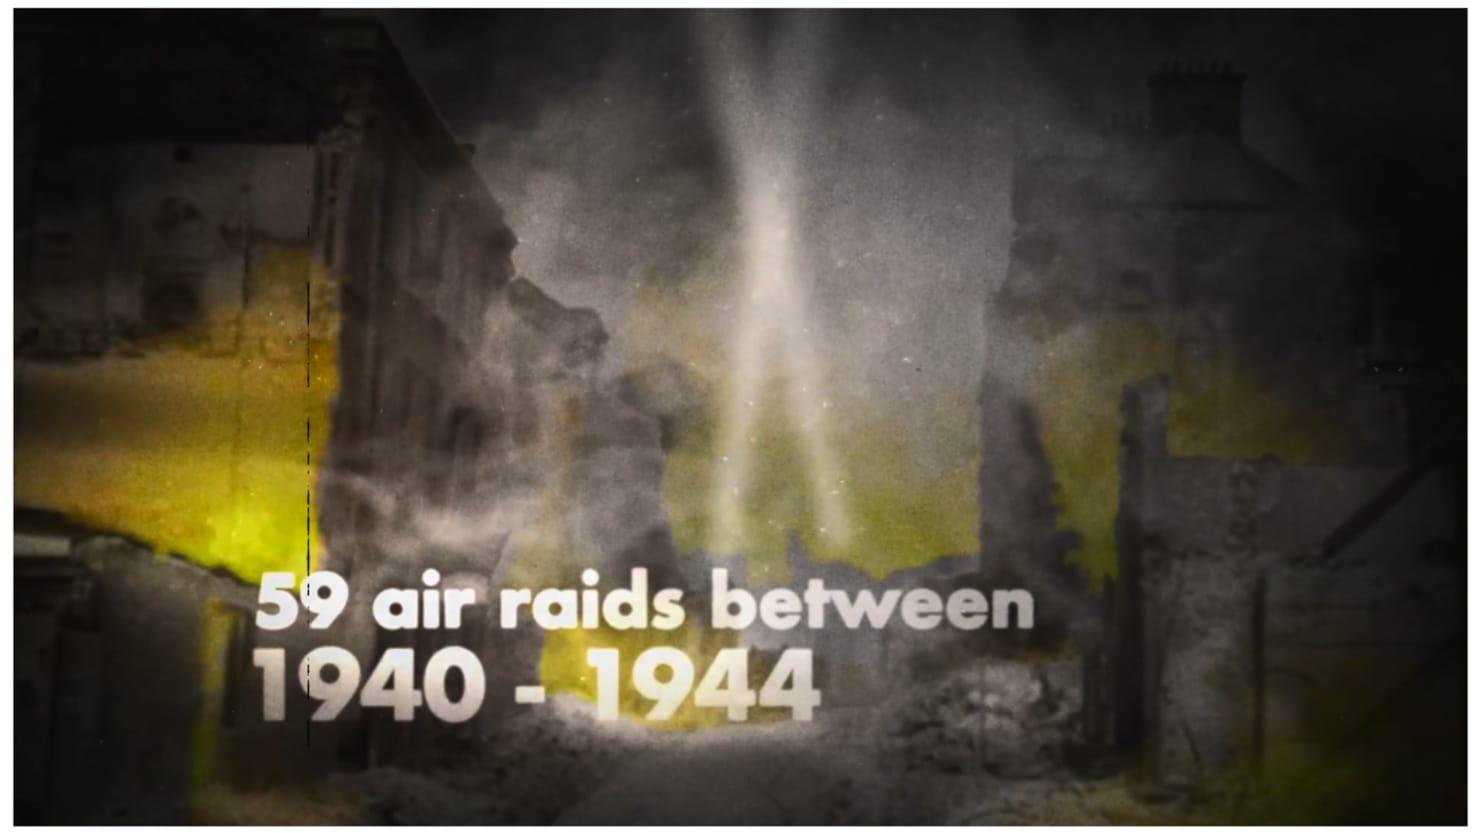 Air raids screenshot